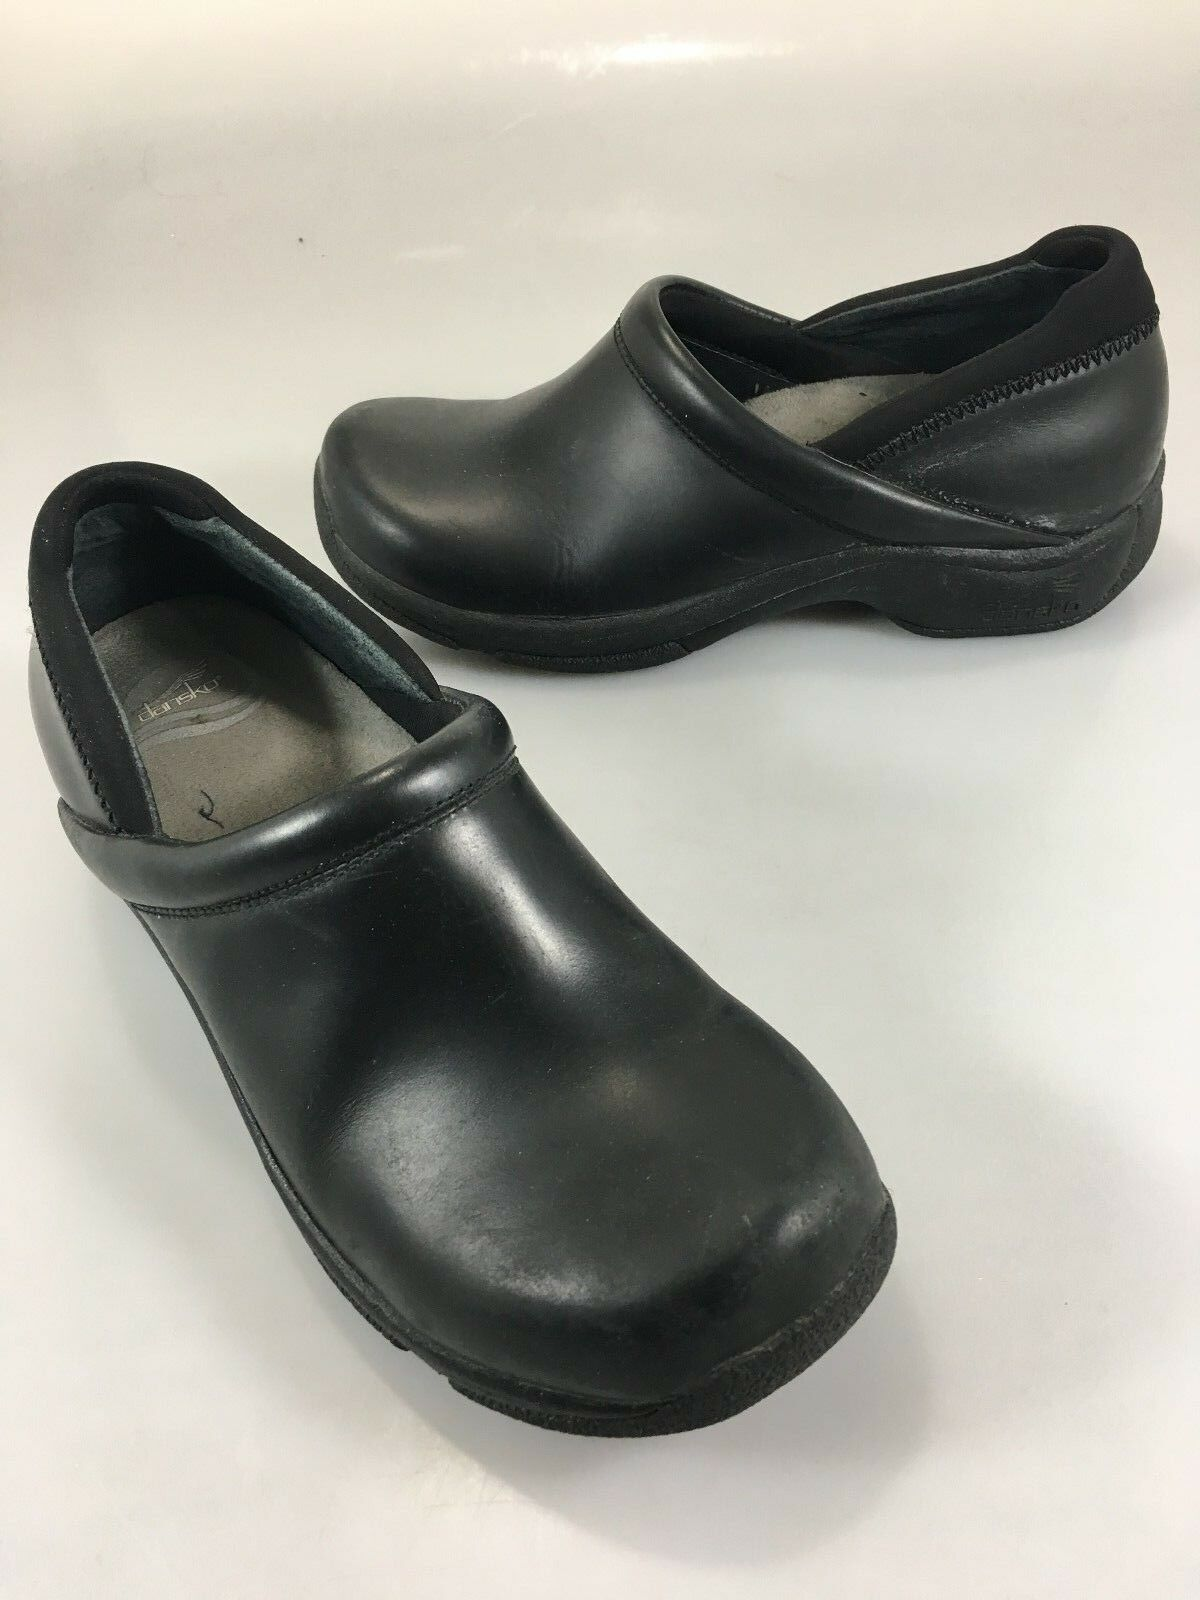 Dansko para mujer 39 39 39 EU 8.5-9 nos Negro Cuero Zuecos Mocs Zapatos 1  Tacones  Envío 100% gratuito